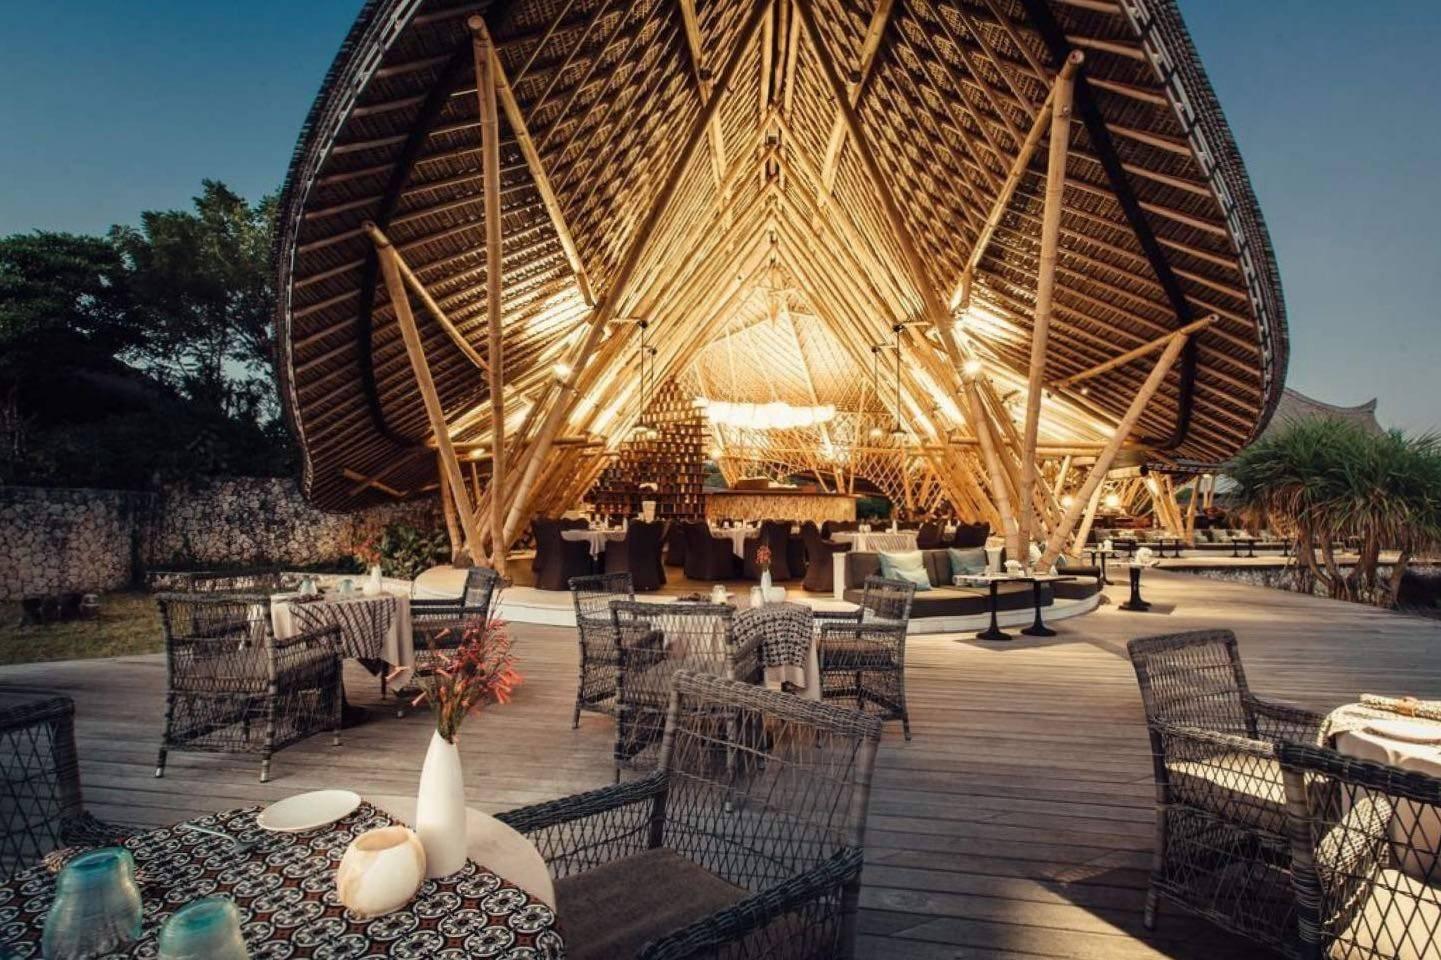 World of Travel - Huwelijksreis - Honeymoon - House of Weddings - 25